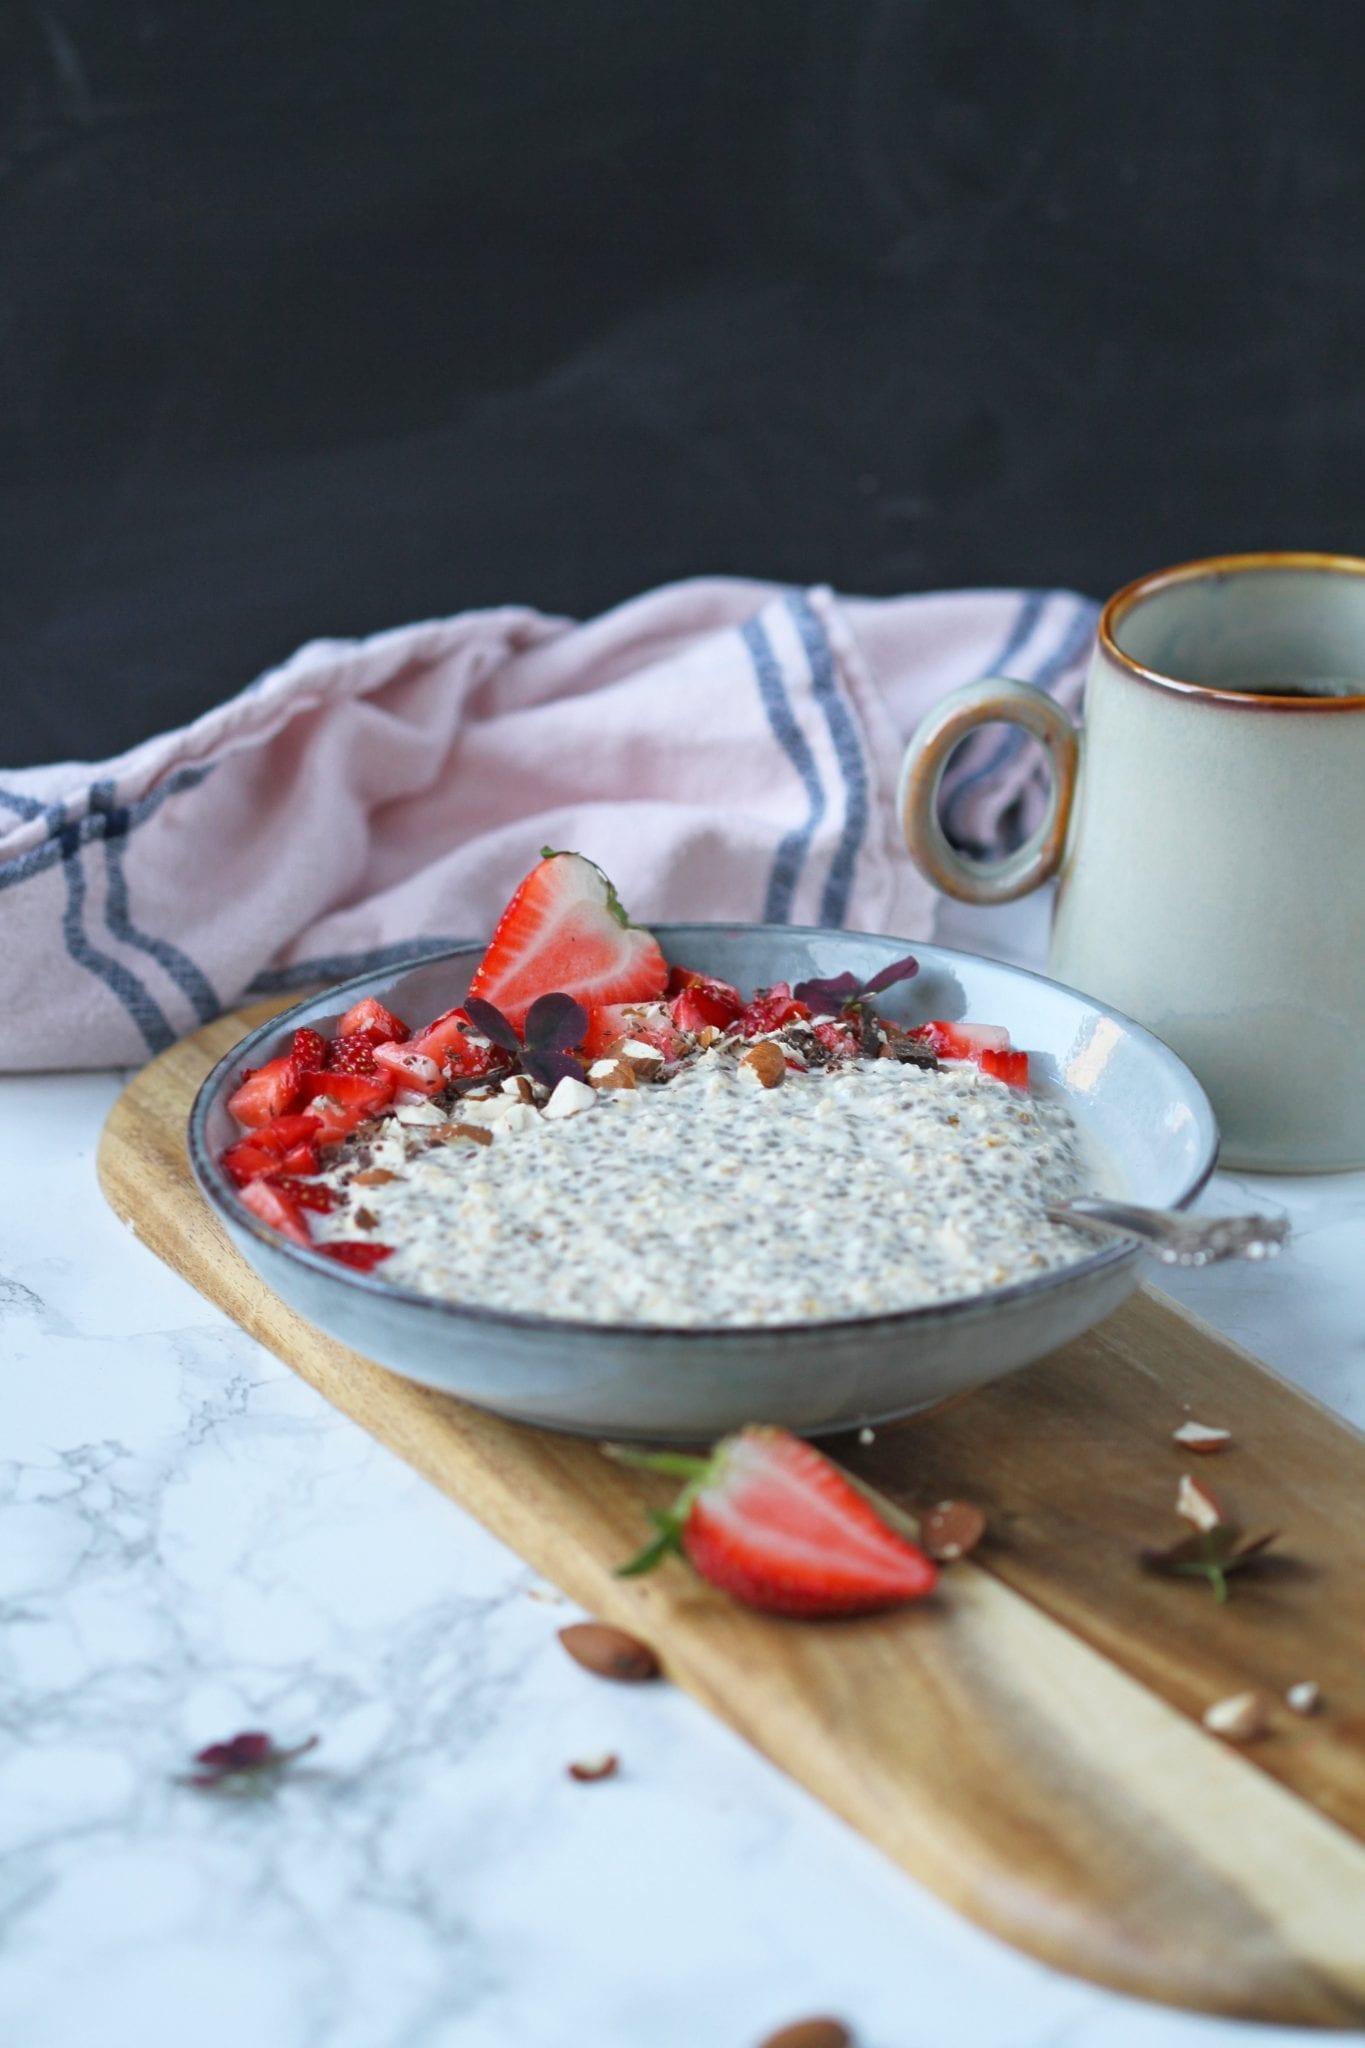 Overnightoats med lakridsog jordbær Overnight oats med lakrids og jordbær